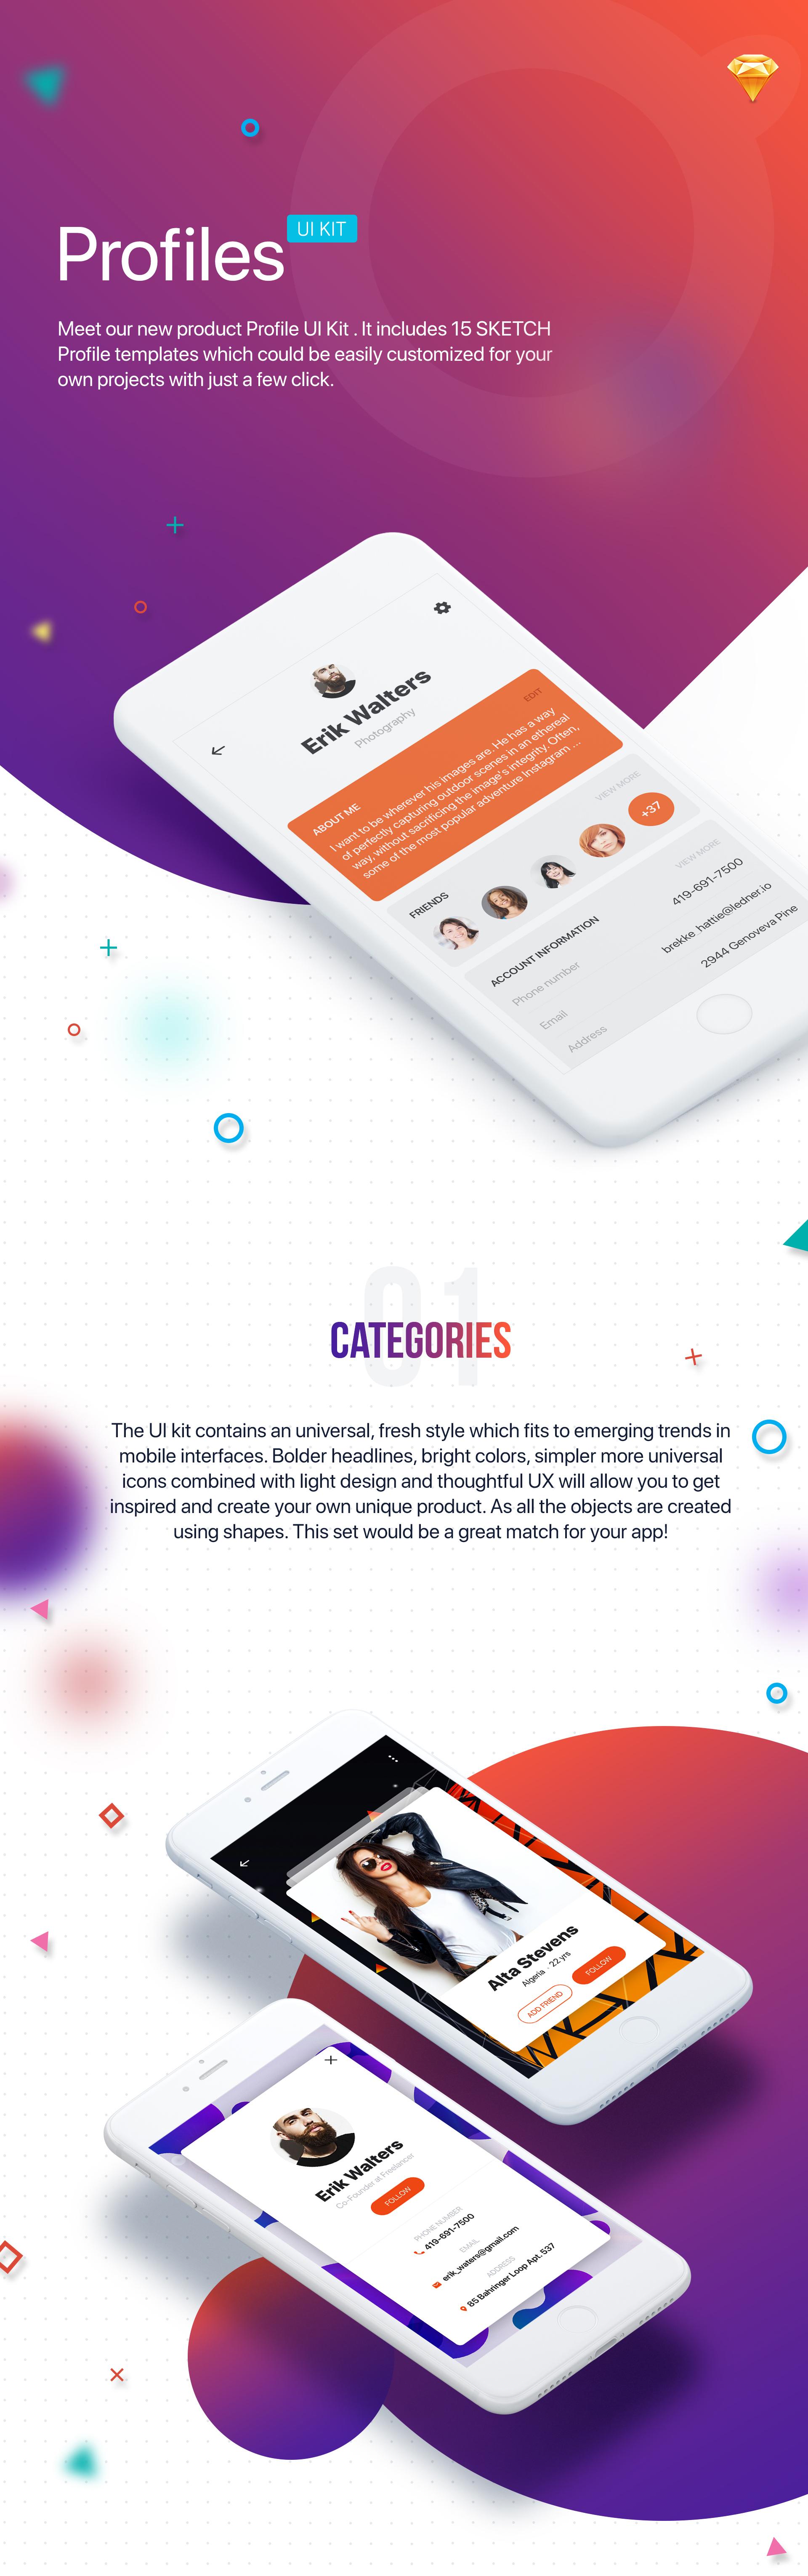 Profile UI Kit - 1